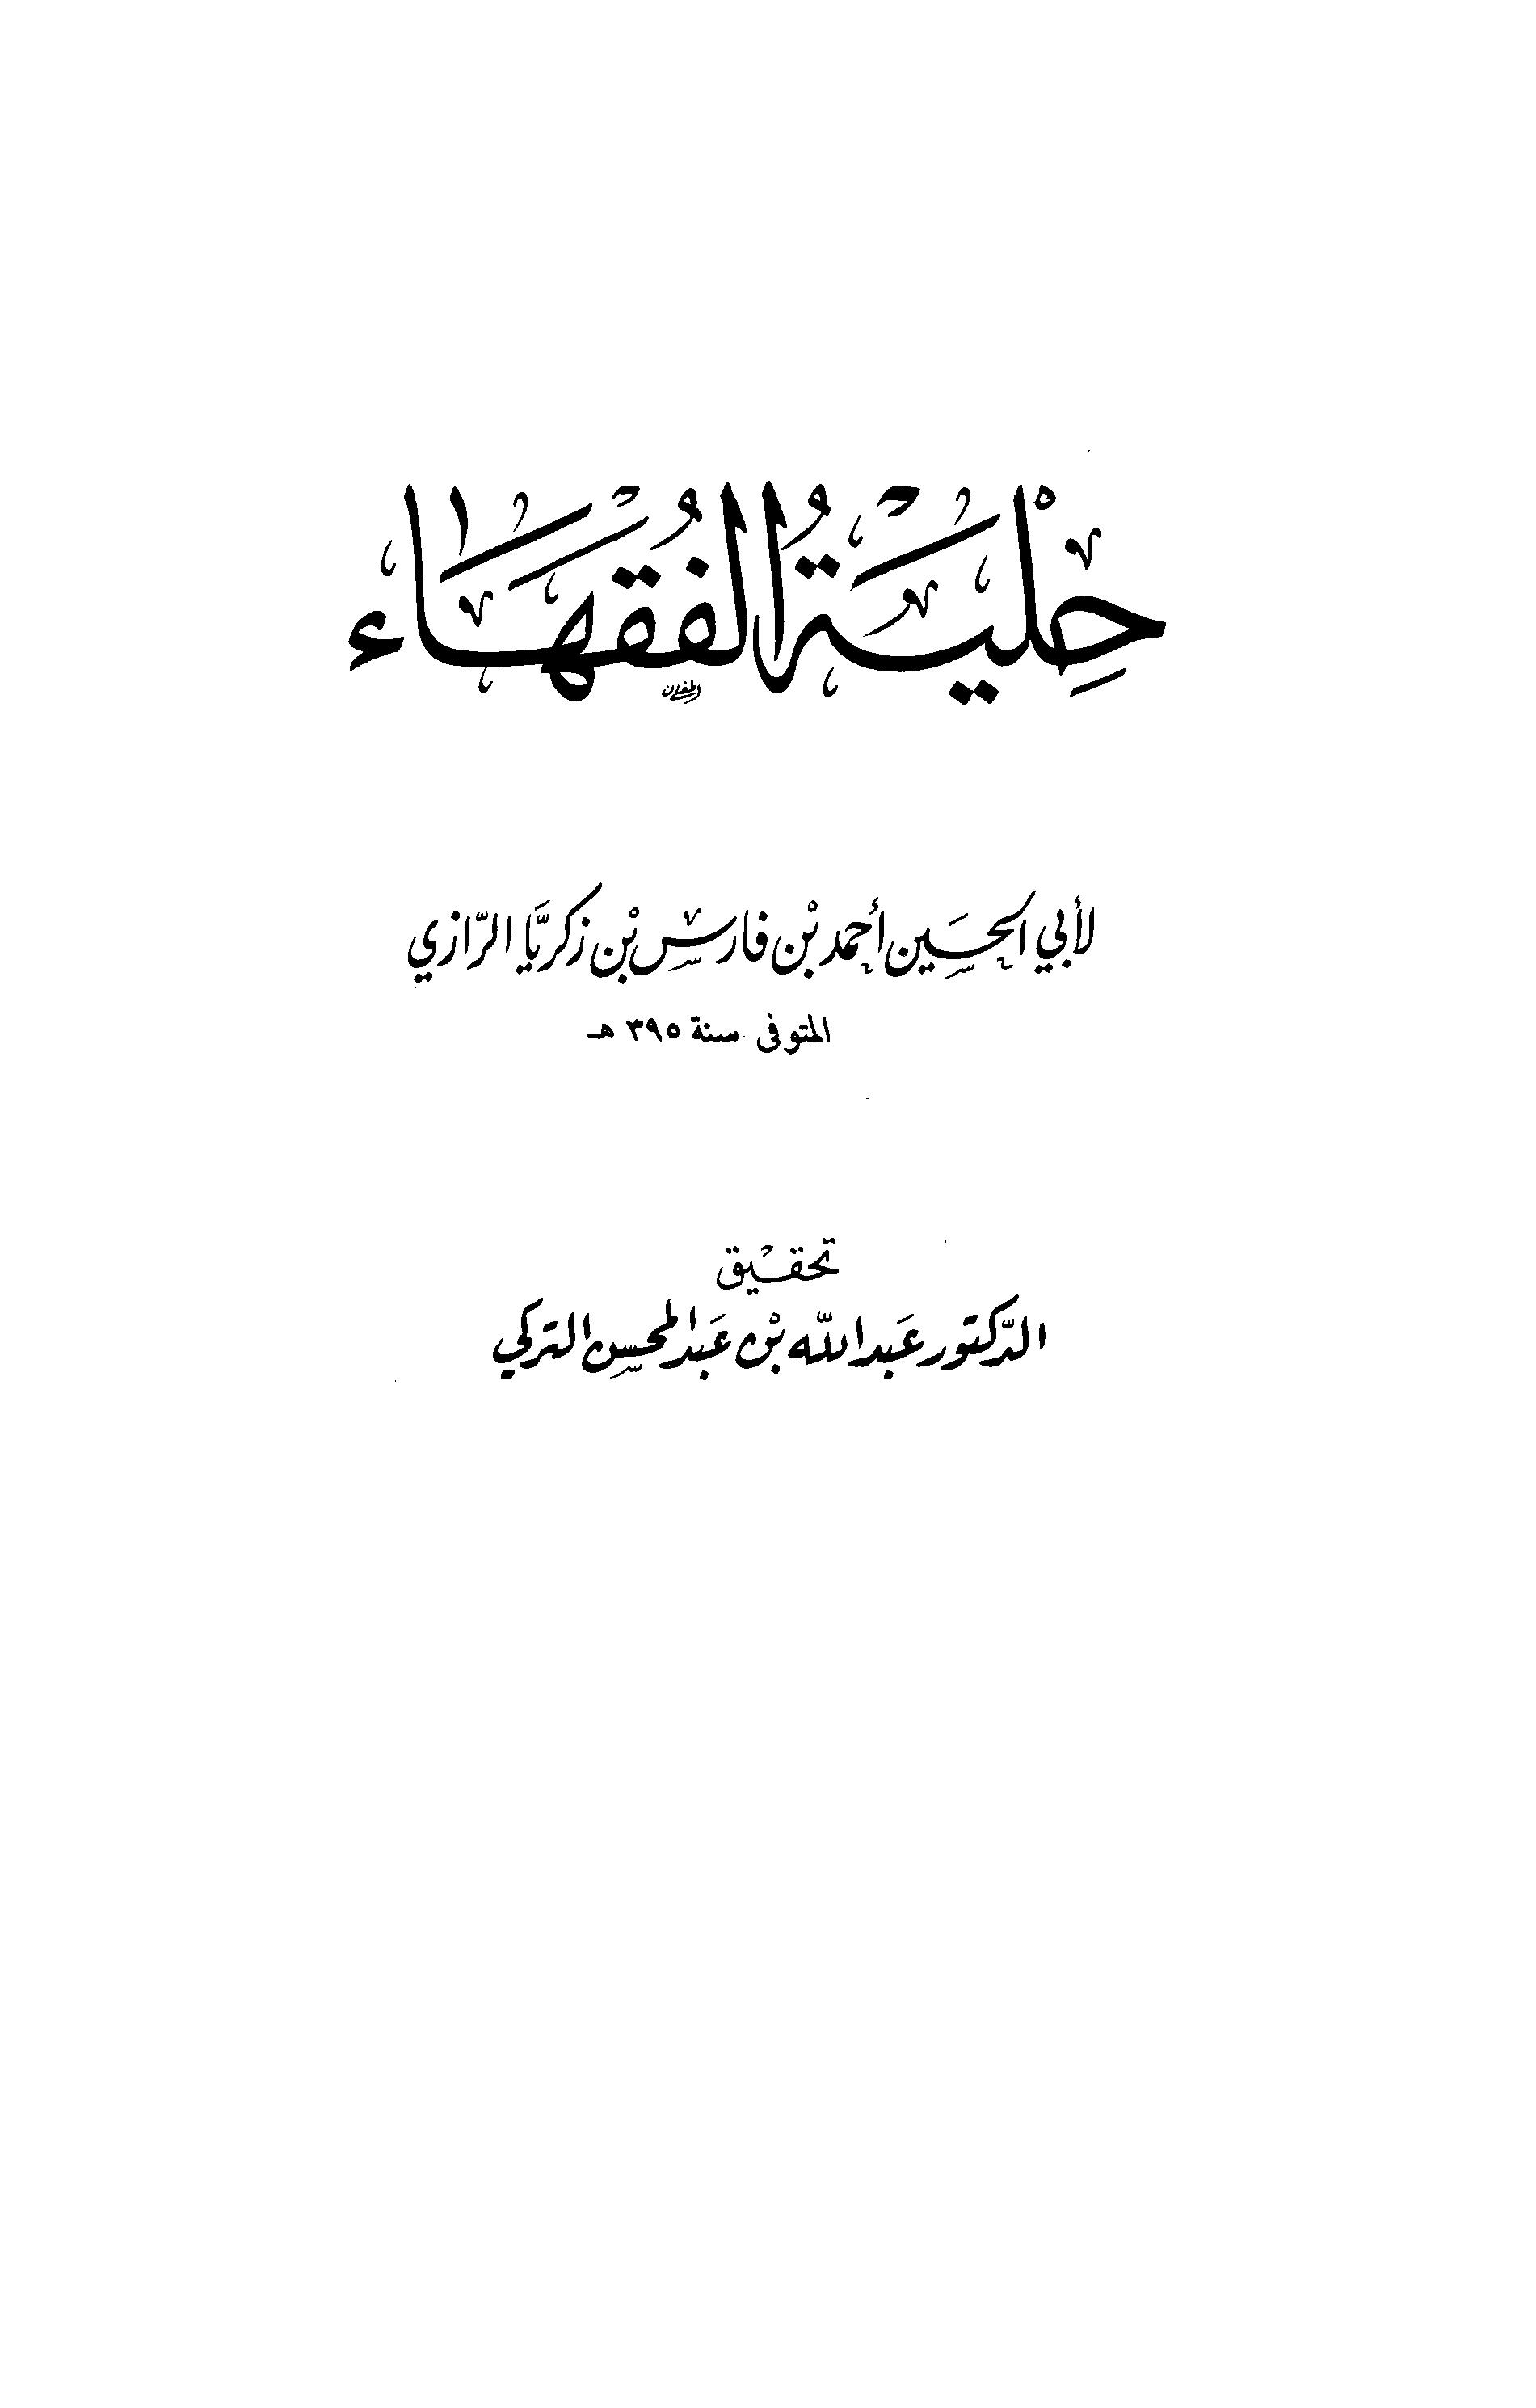 كتاب الوسيط للغزالي